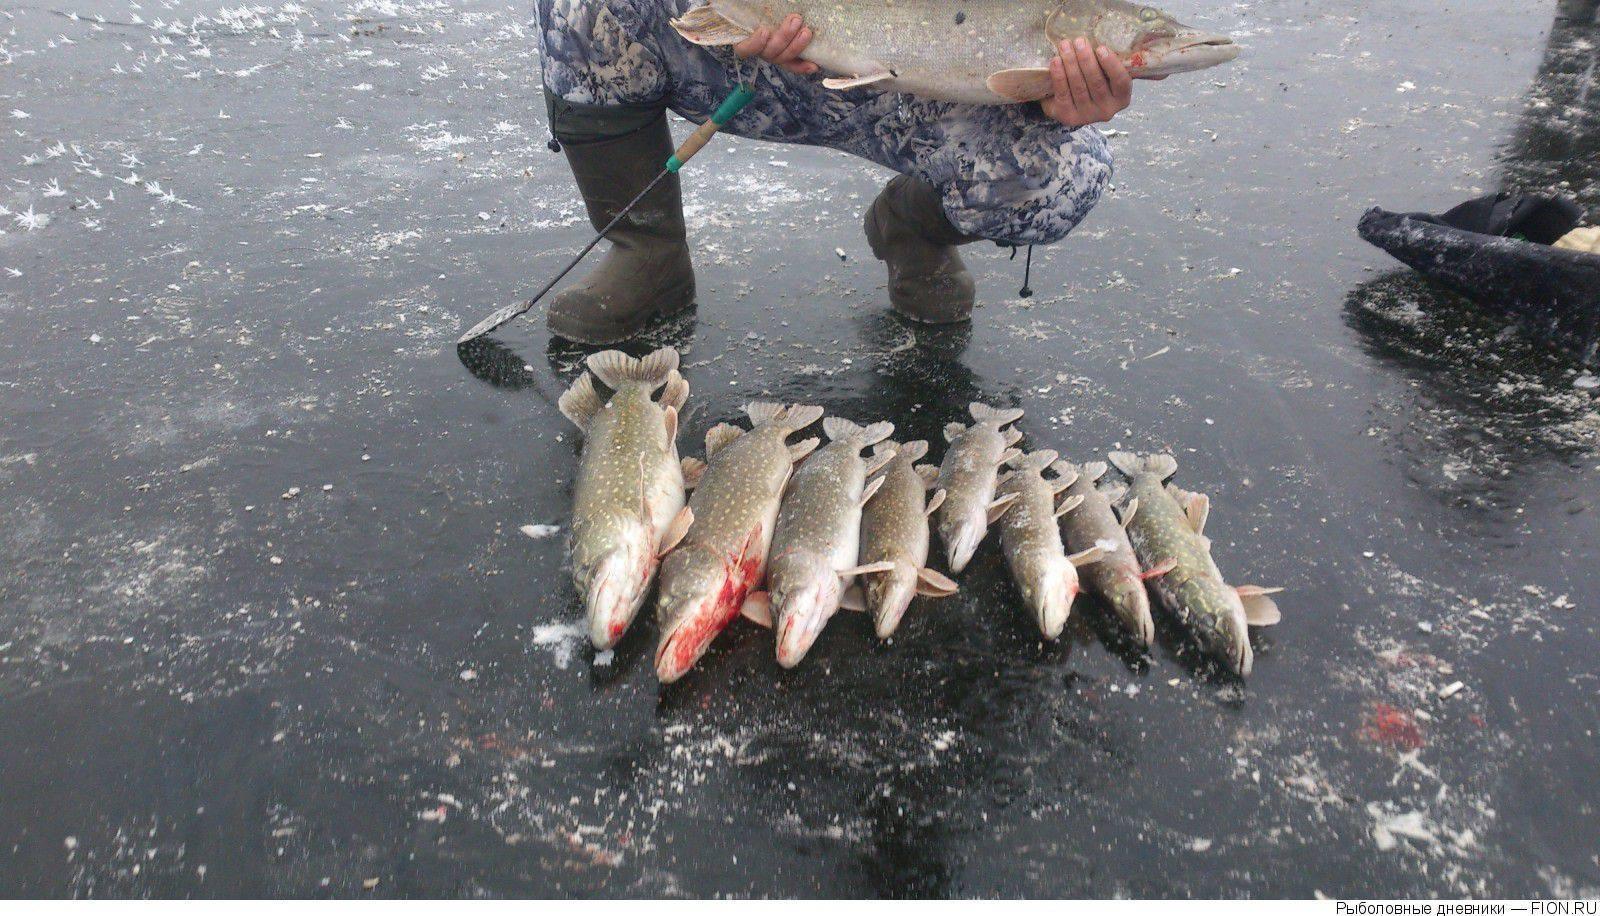 ✅ рыбалка в клину бесплатно - danafish.ru